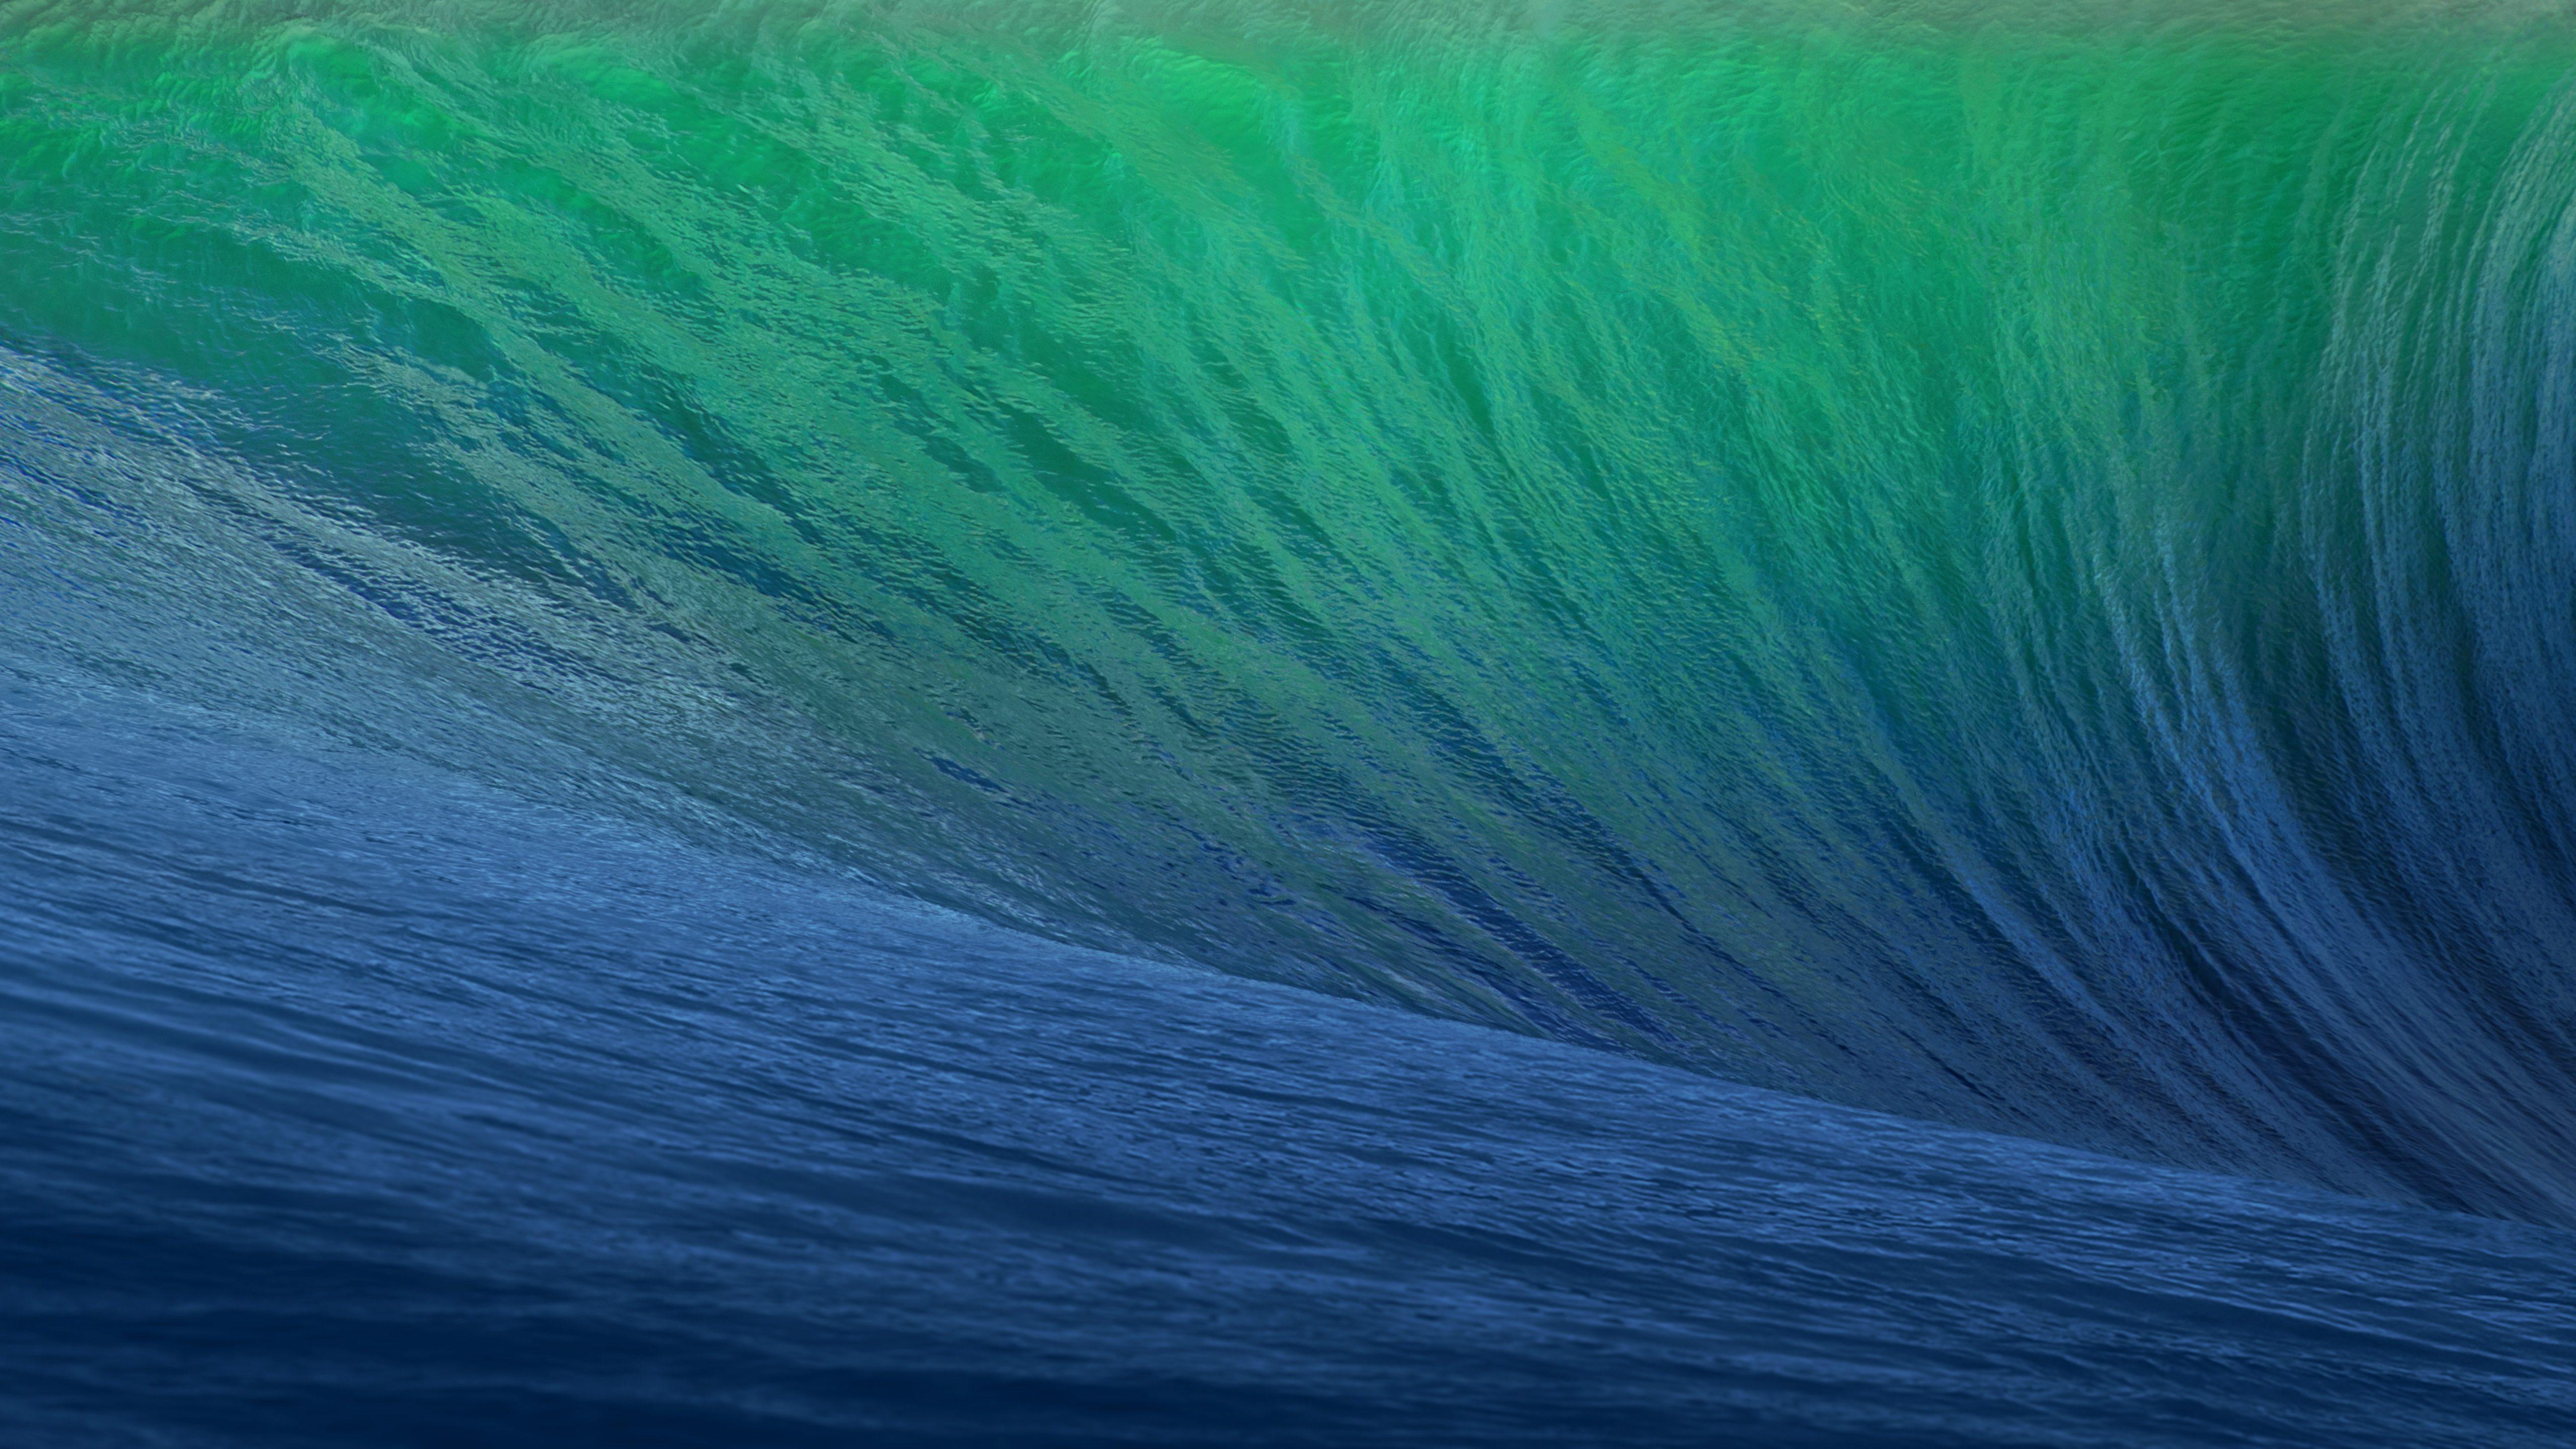 Волны складе для OS X маверикс. обои скачать